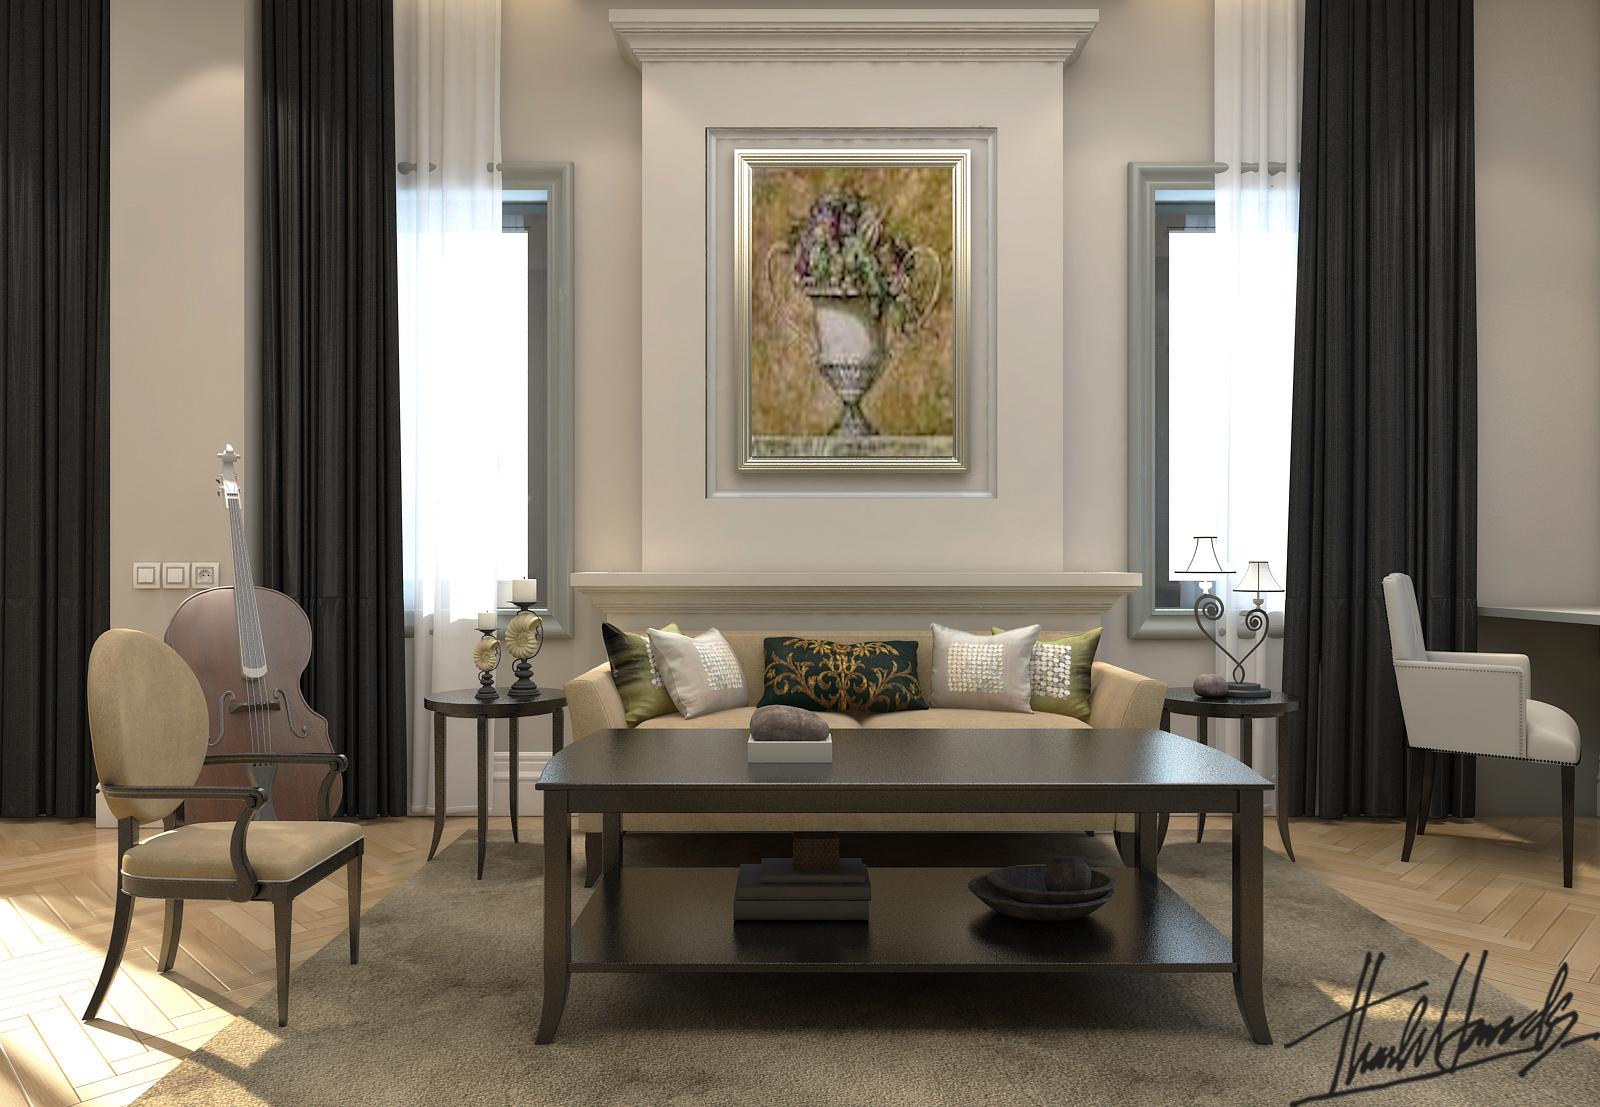 thiết kế nội thất Biệt Thự tại Hà Nội bt Vinhomes - riverside 38 1568274542